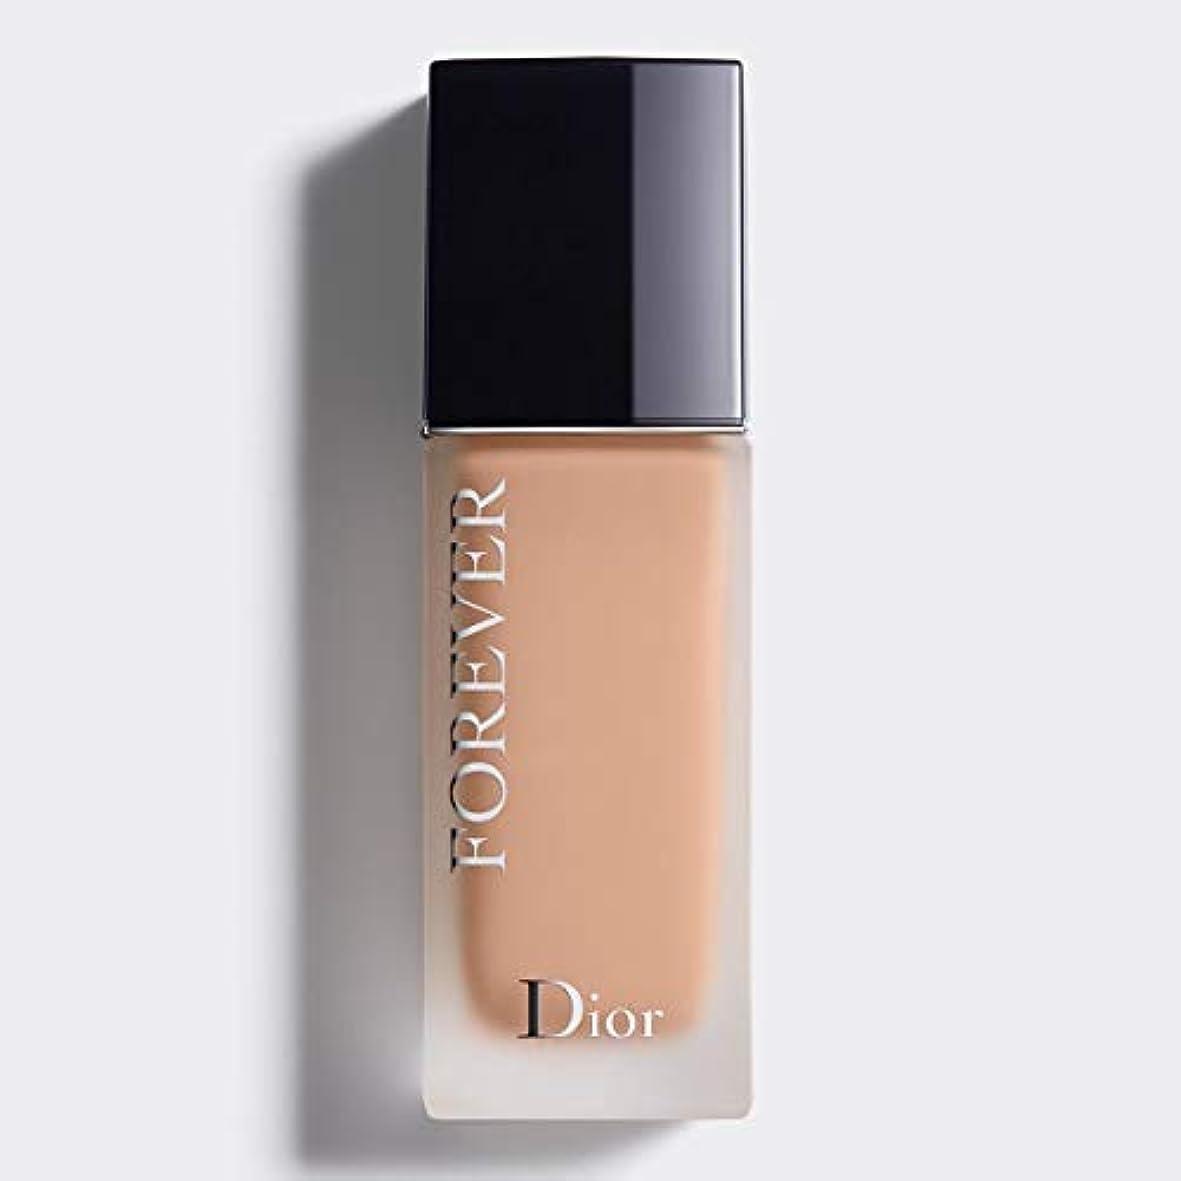 トレイル効能見通しクリスチャンディオール Dior Forever 24H Wear High Perfection Foundation SPF 35 - # 3CR (Cool Rosy) 30ml/1oz並行輸入品